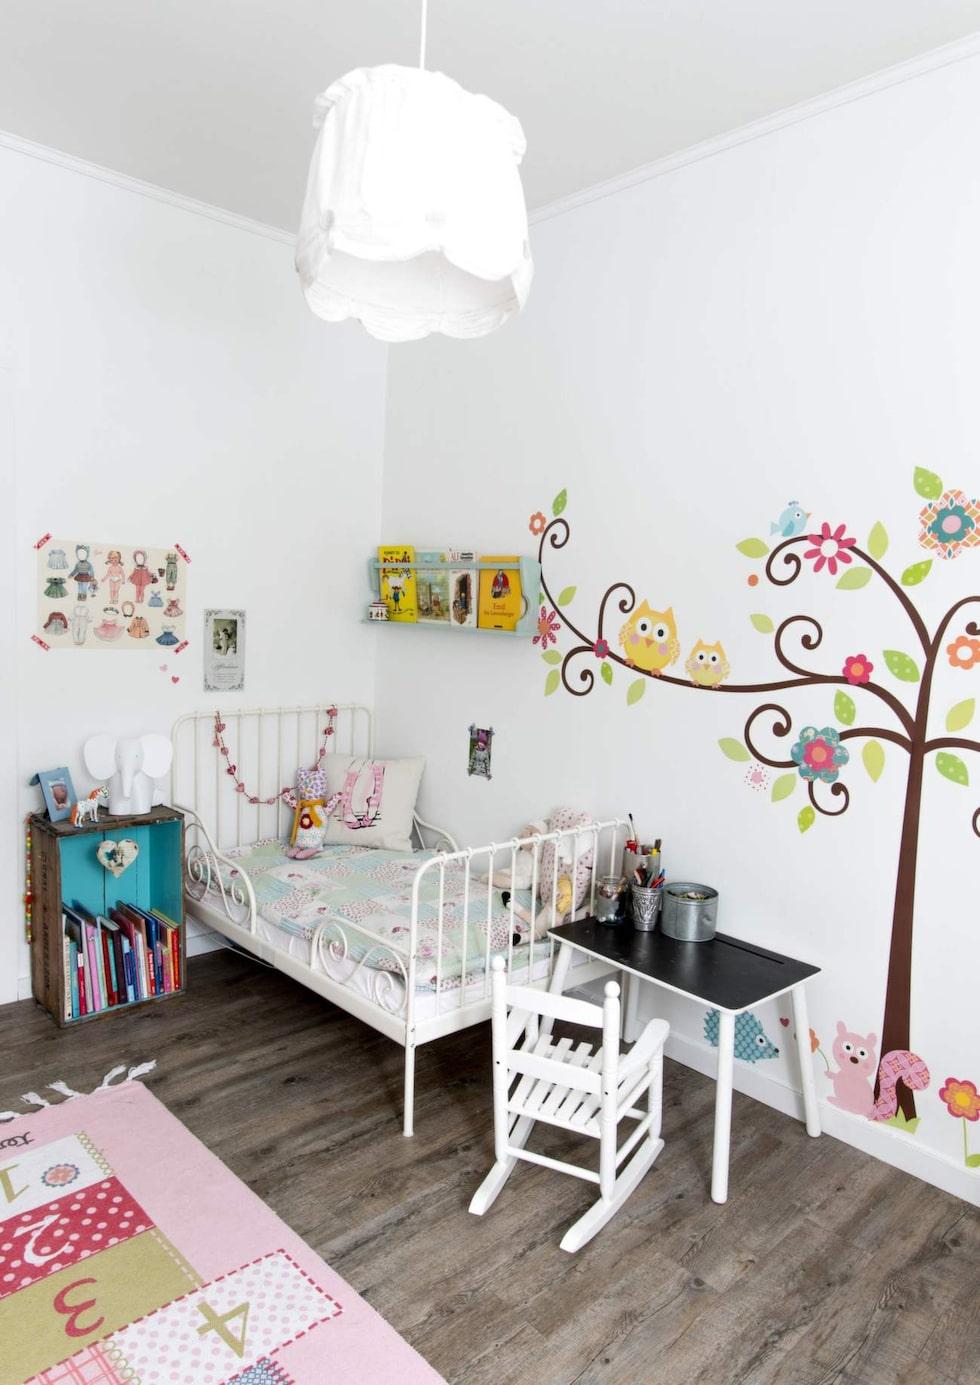 Fina väggar med stickers.Säng från Ikea, bord från Bohus och gungstol från Kremmerhuset. Matta från Ellos och taklampa från Ikea.